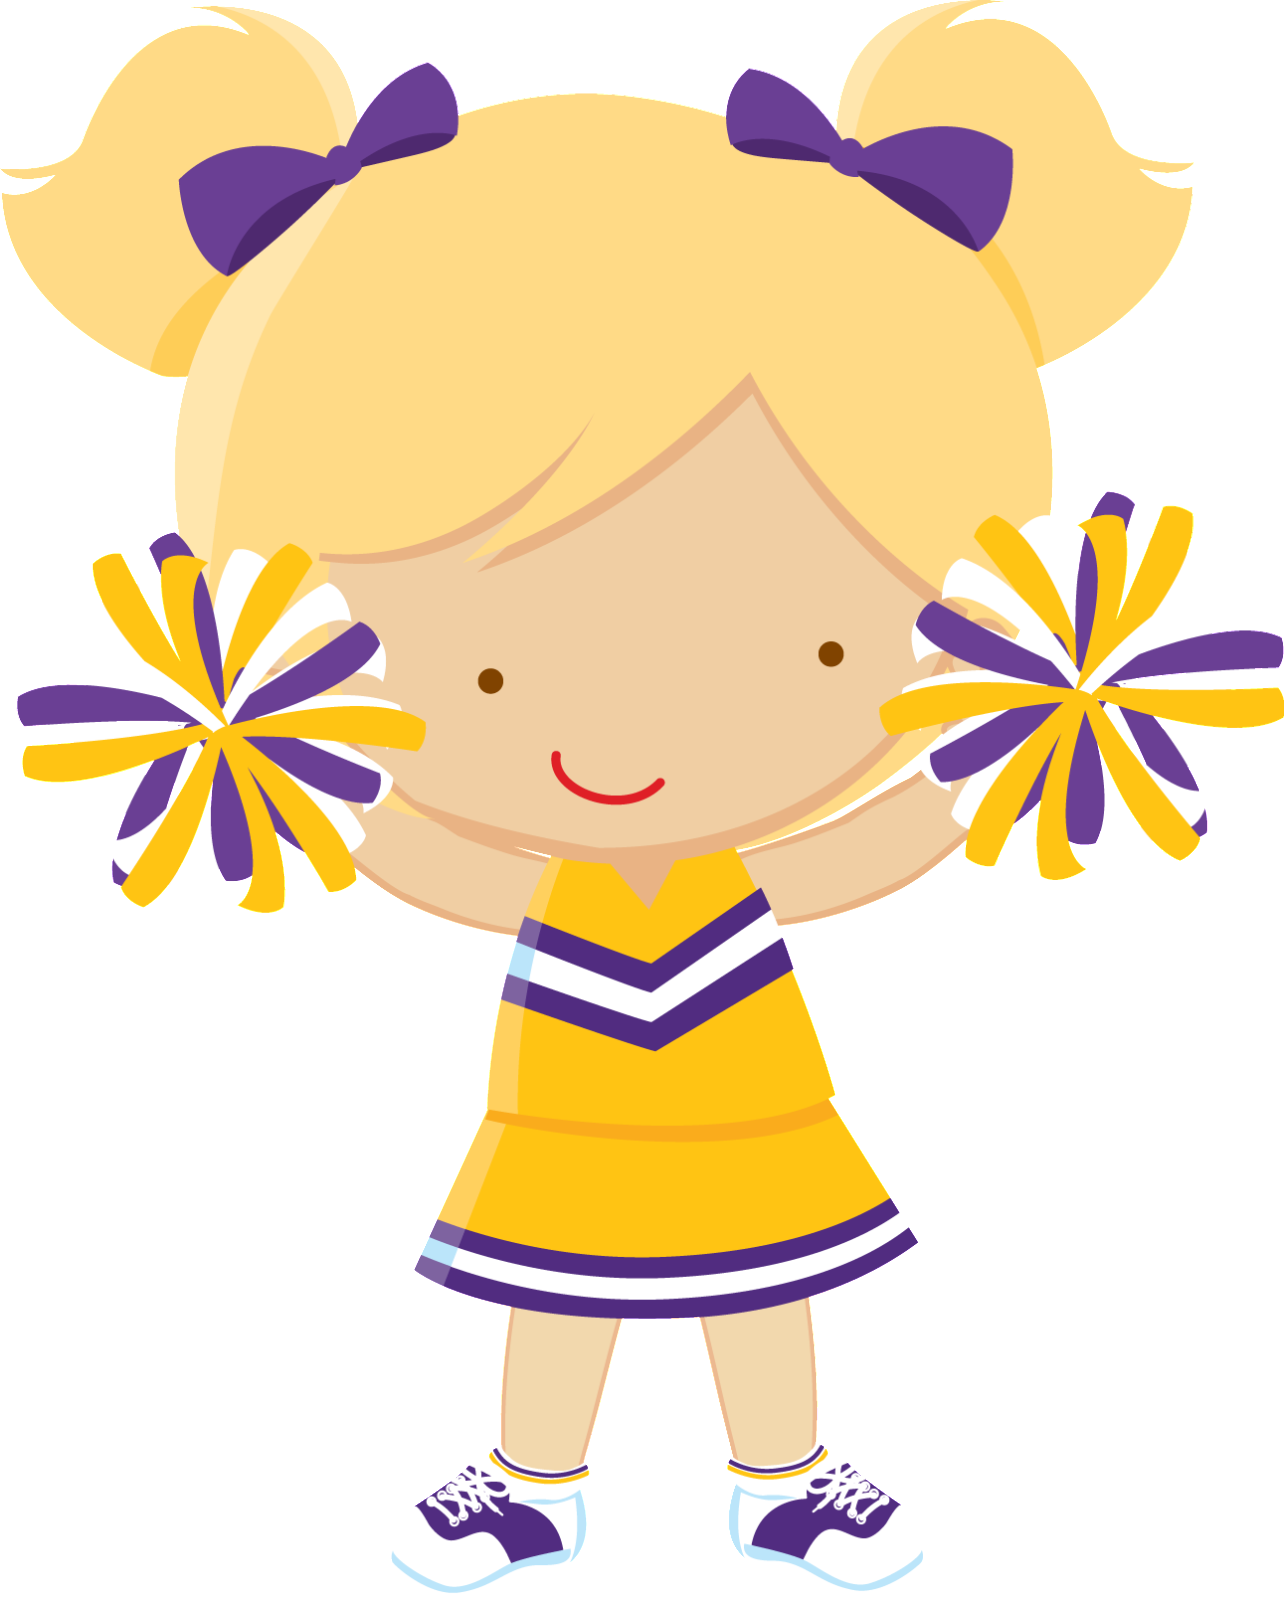 Sports gin stica imagenes. Clipart kids cheerleader